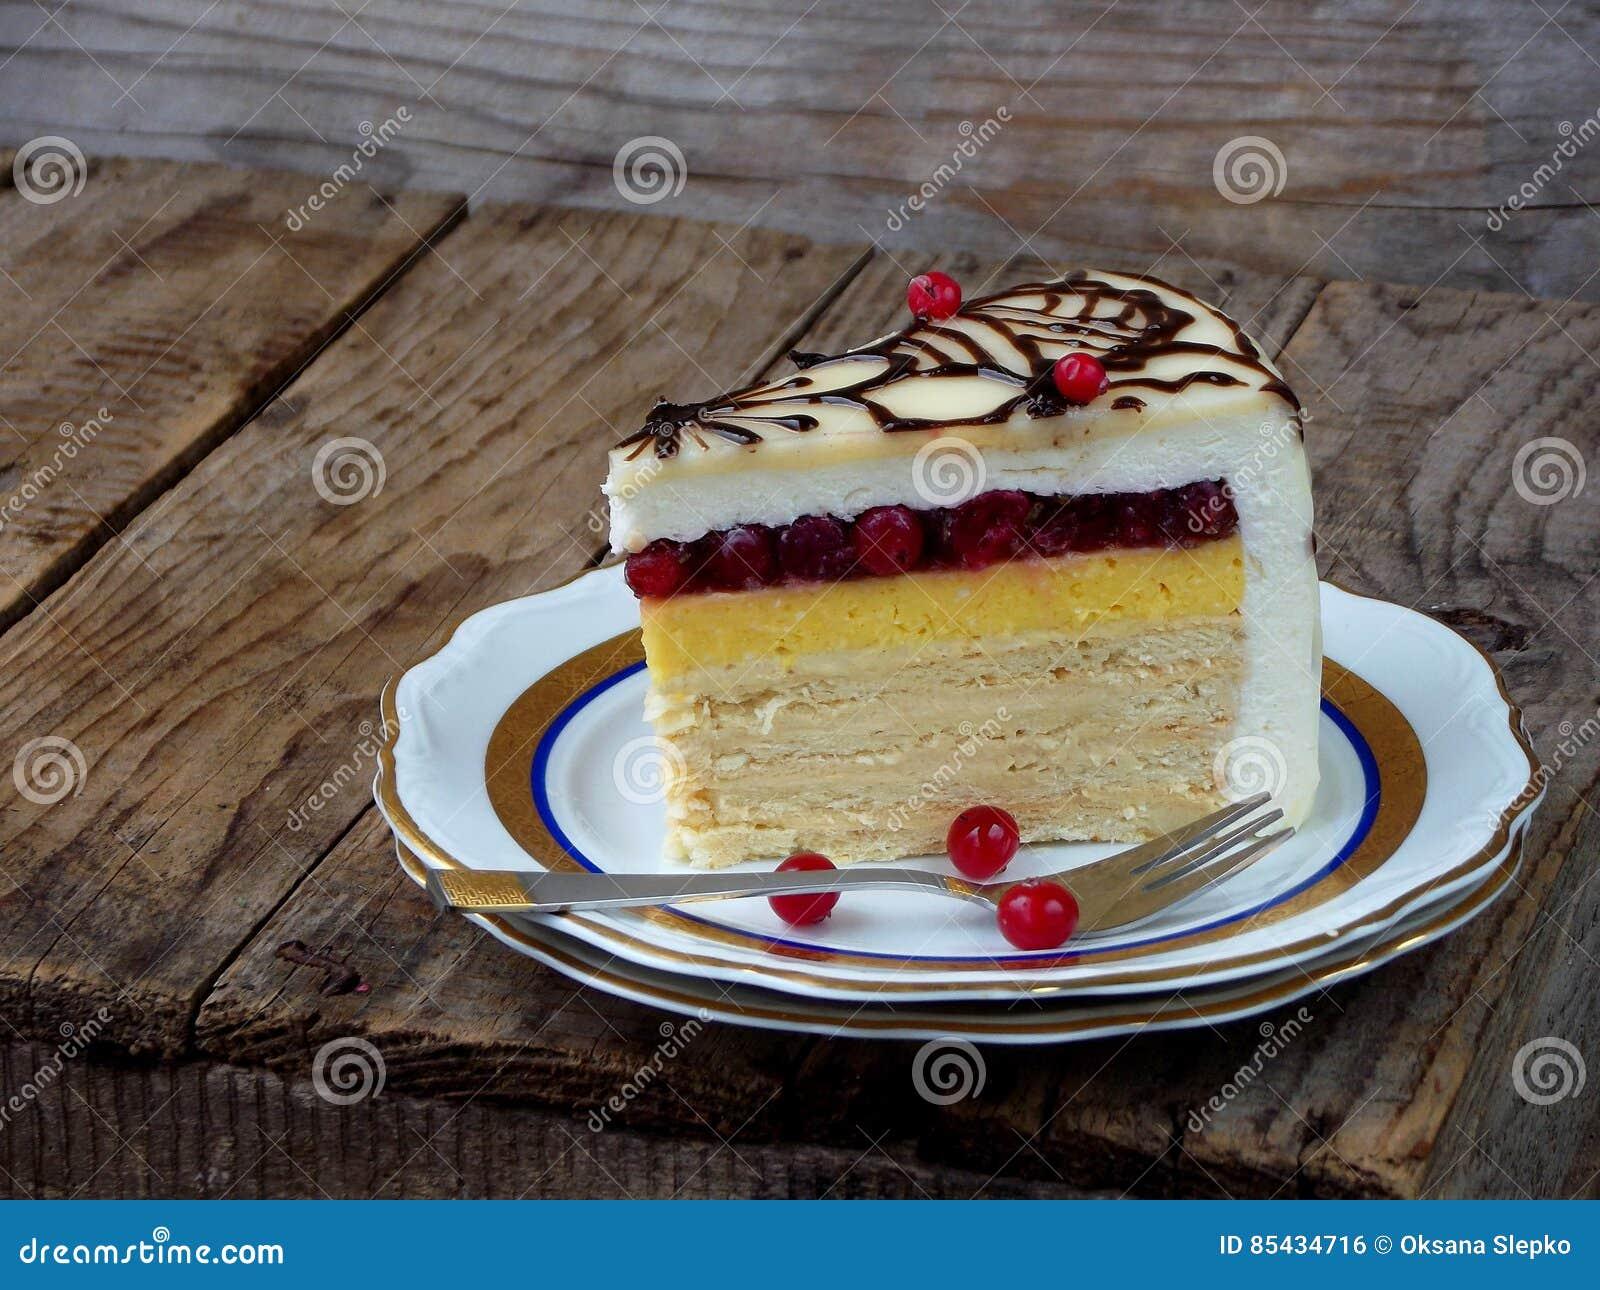 Piece Of Cake Napoleon Crispy Cakes With Cream Orange Cream